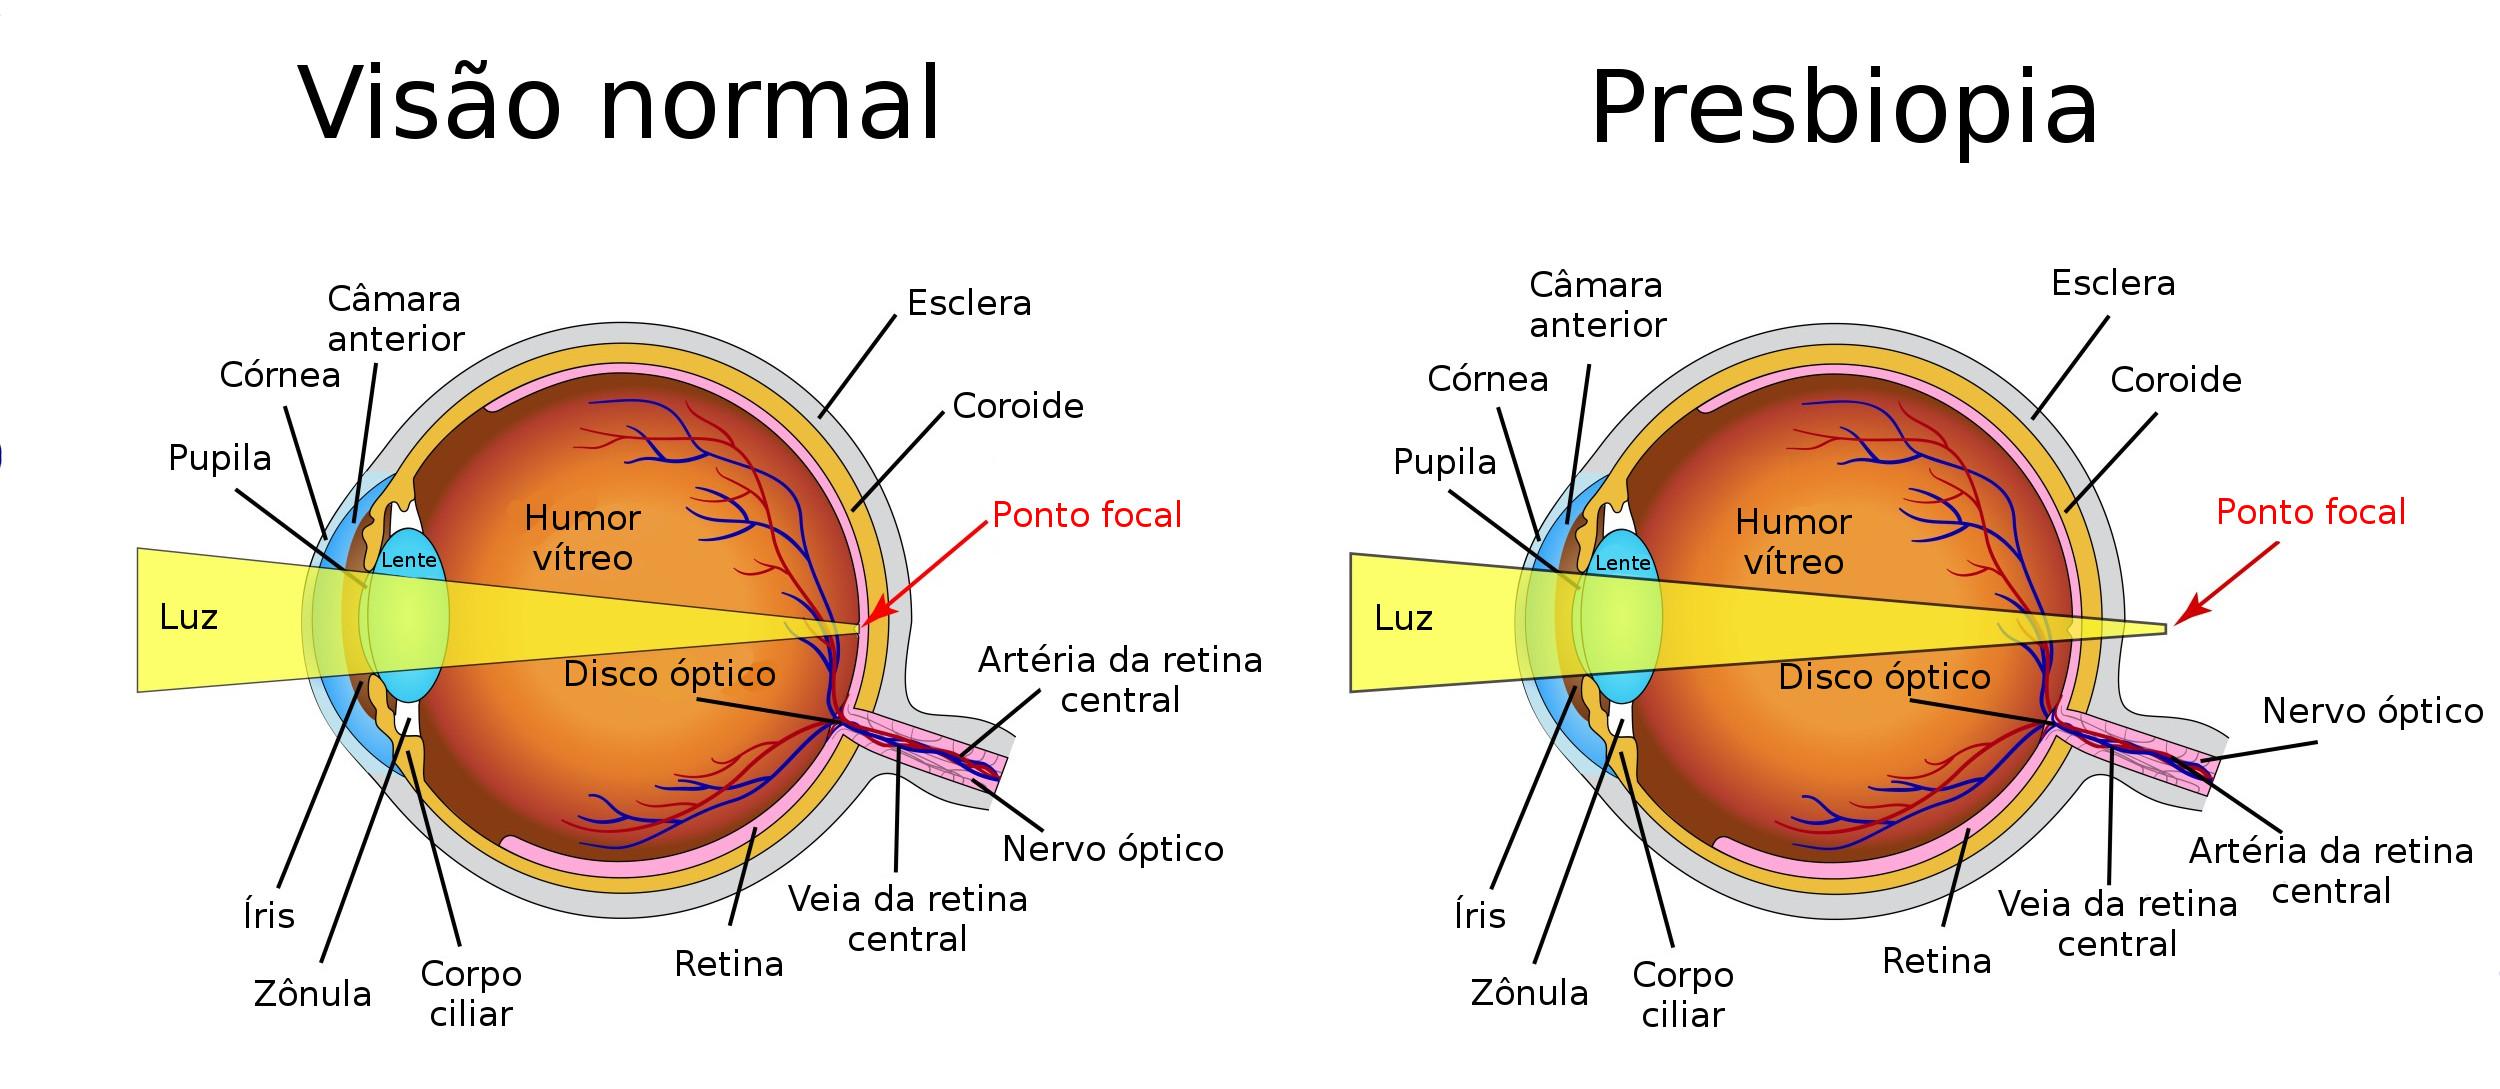 9d550a4b40 Esquema mostra como se forma a imagem na retina em um olho normal e no olho  de uma pessoa com presbiopia. Ilustração: Mrs_Bazilio / Shutterstock  [adaptado]